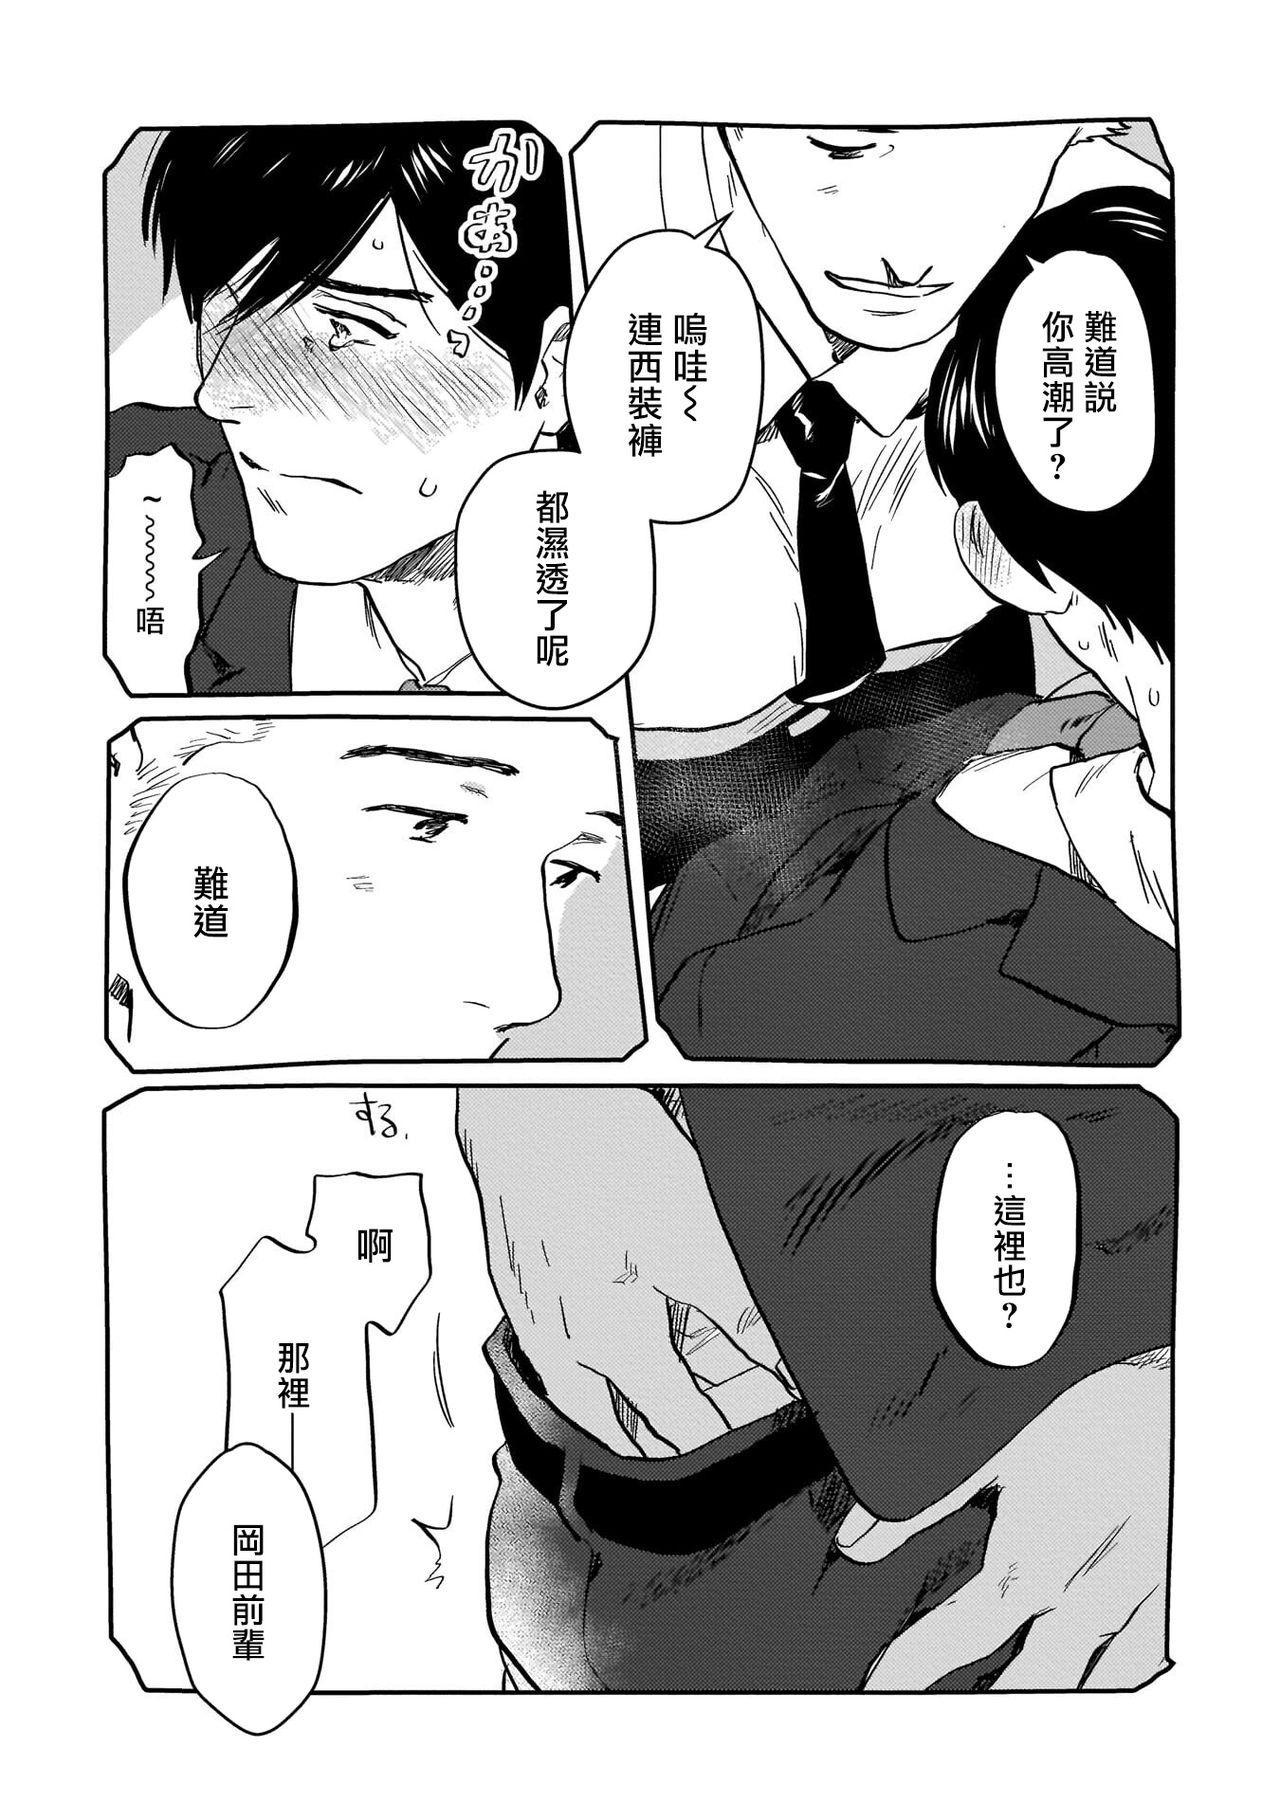 Kouhai no Oppai ga Suki Sugiru | 我太喜欢后辈的奶子了 Ch. 1-2 49